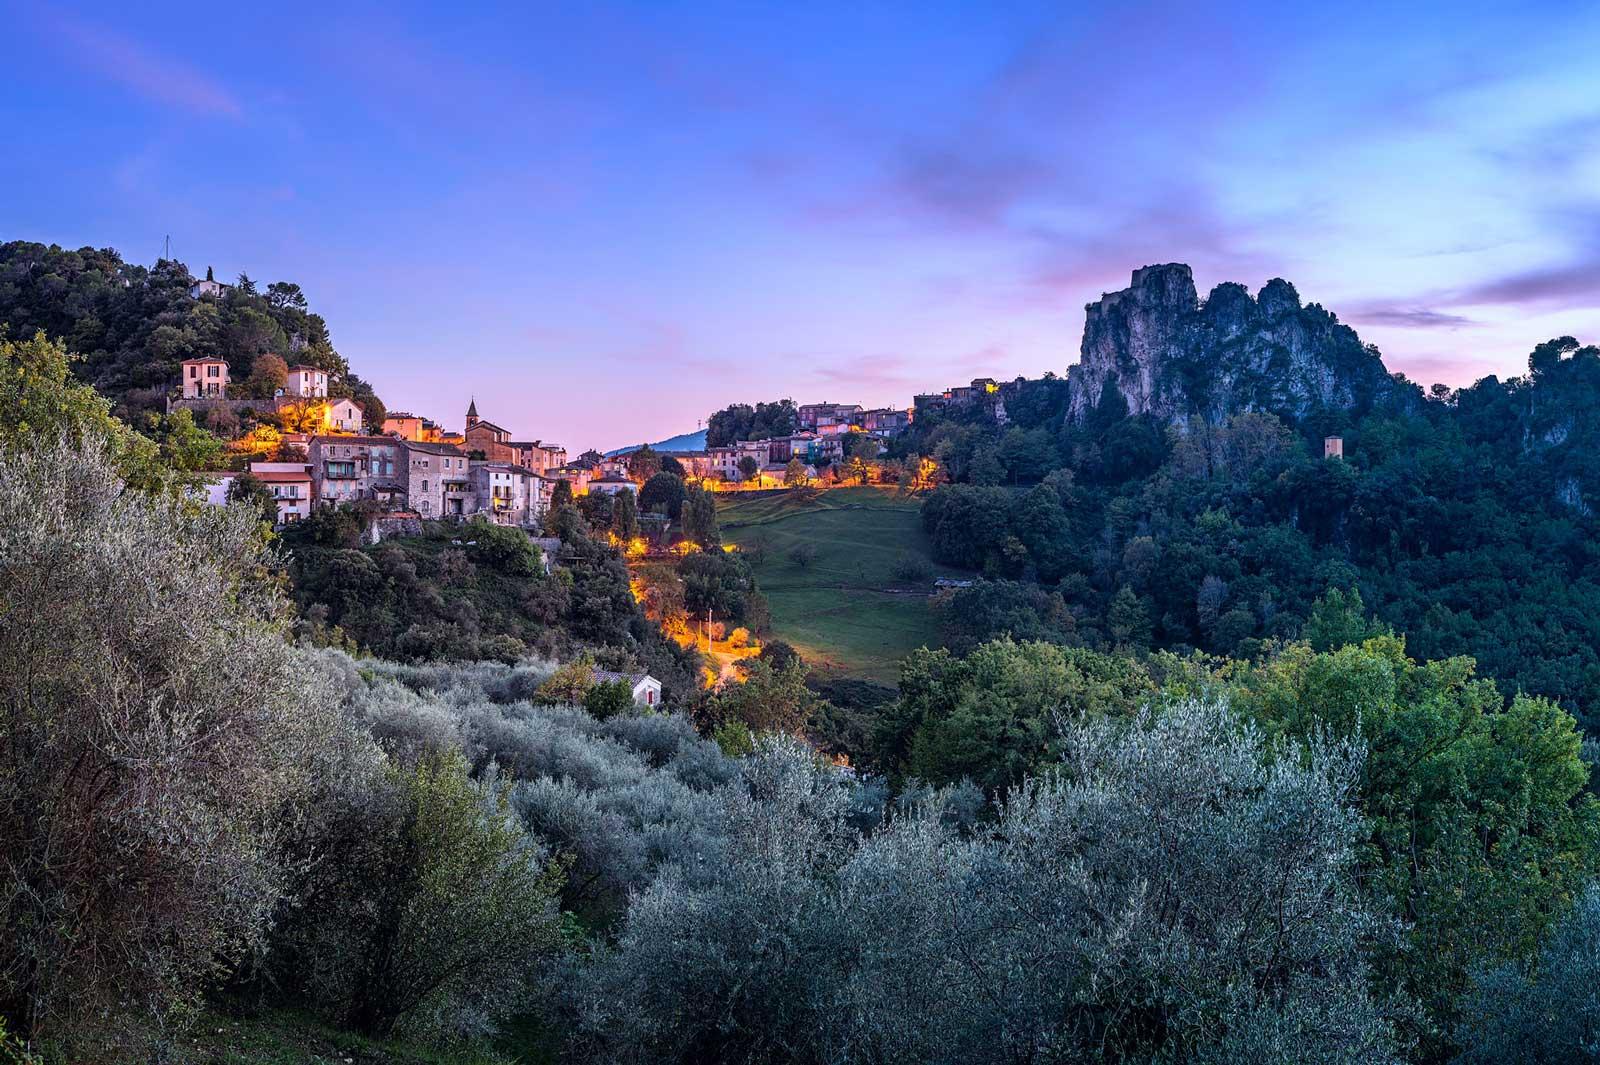 Gilette, Alpes-Maritime, Provence: Nach Sonnenuntergang. Zweizeiliges Panorama, zusammengesetzt aus 8 Aufnahmen. Originalgröße 130x80 cm. | © Reinhard Podolsky